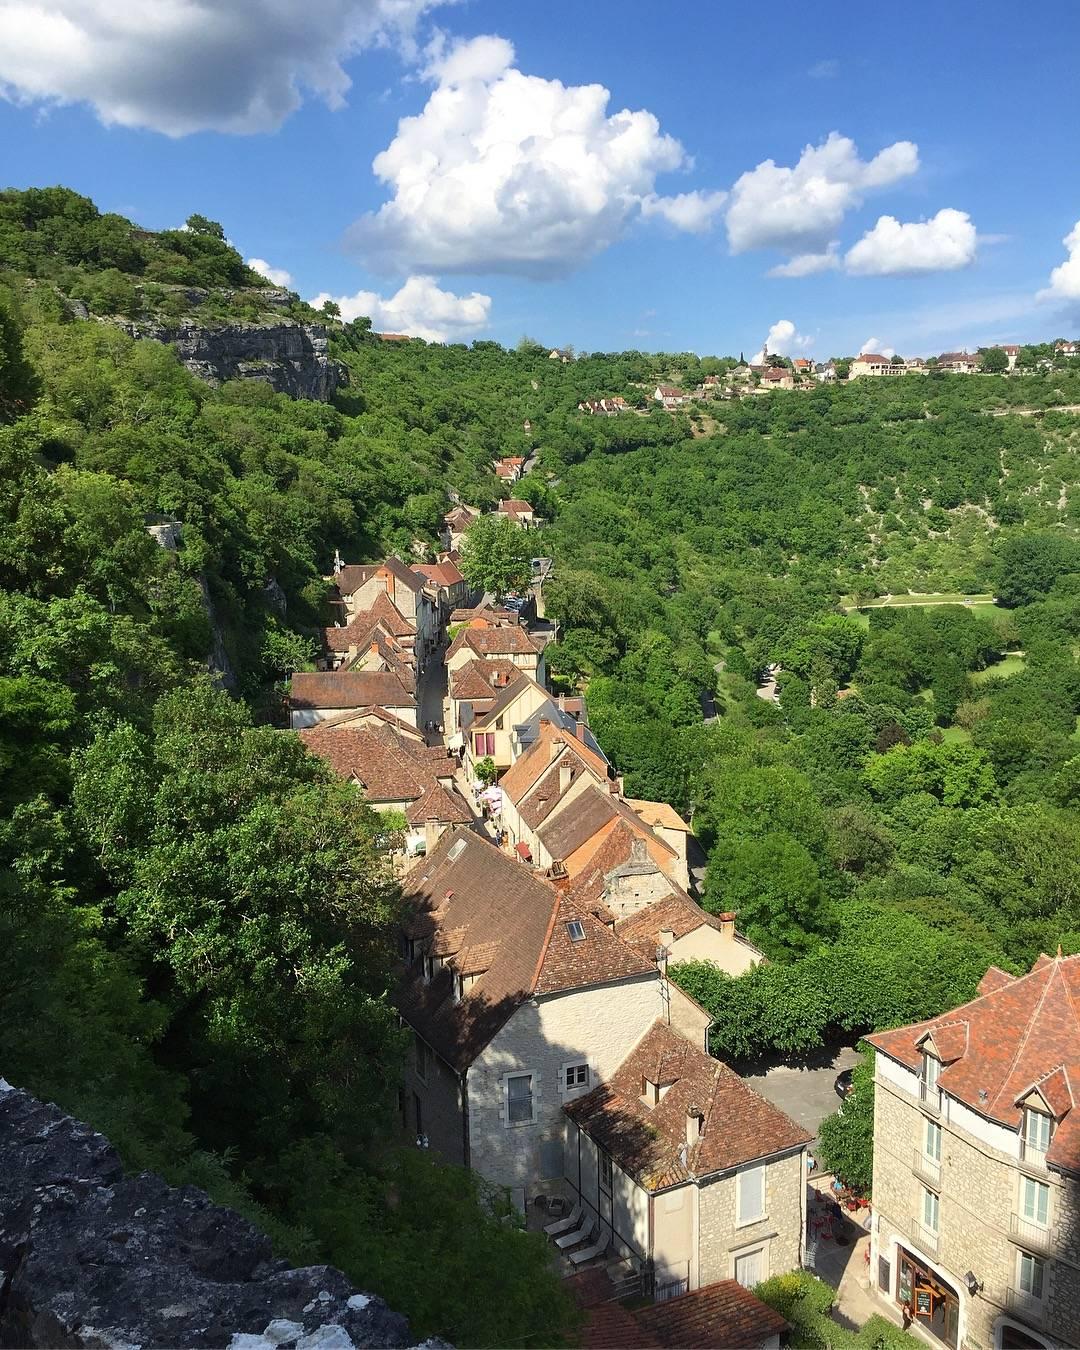 Photo 1: Découverte de Rocamadour !